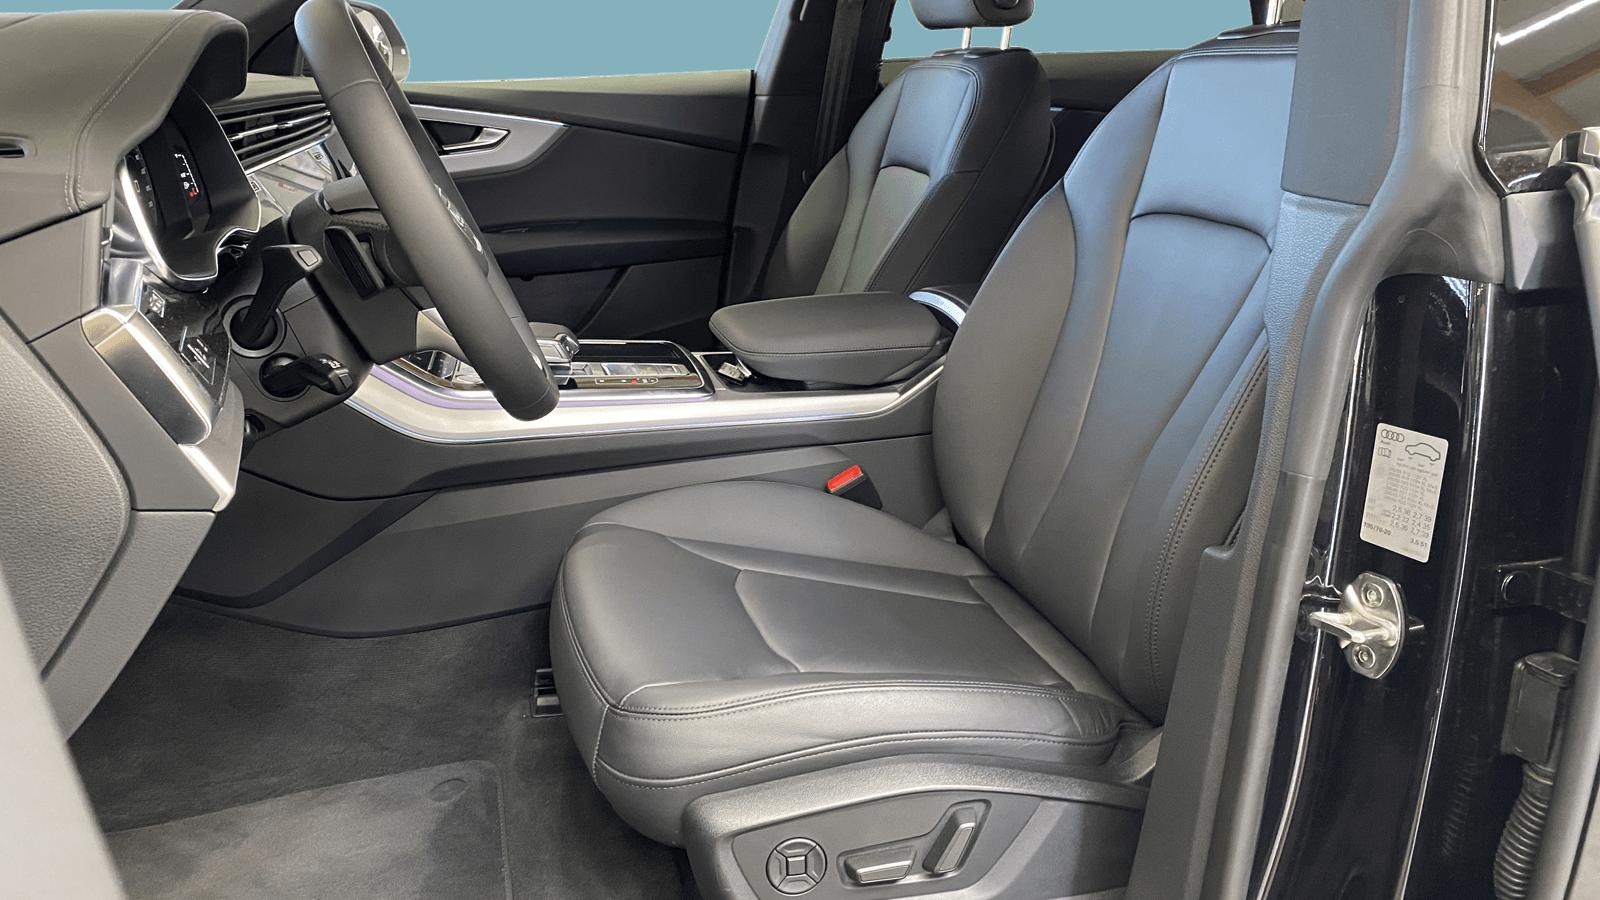 Audi Q8 Black interior - Clyde car subscription